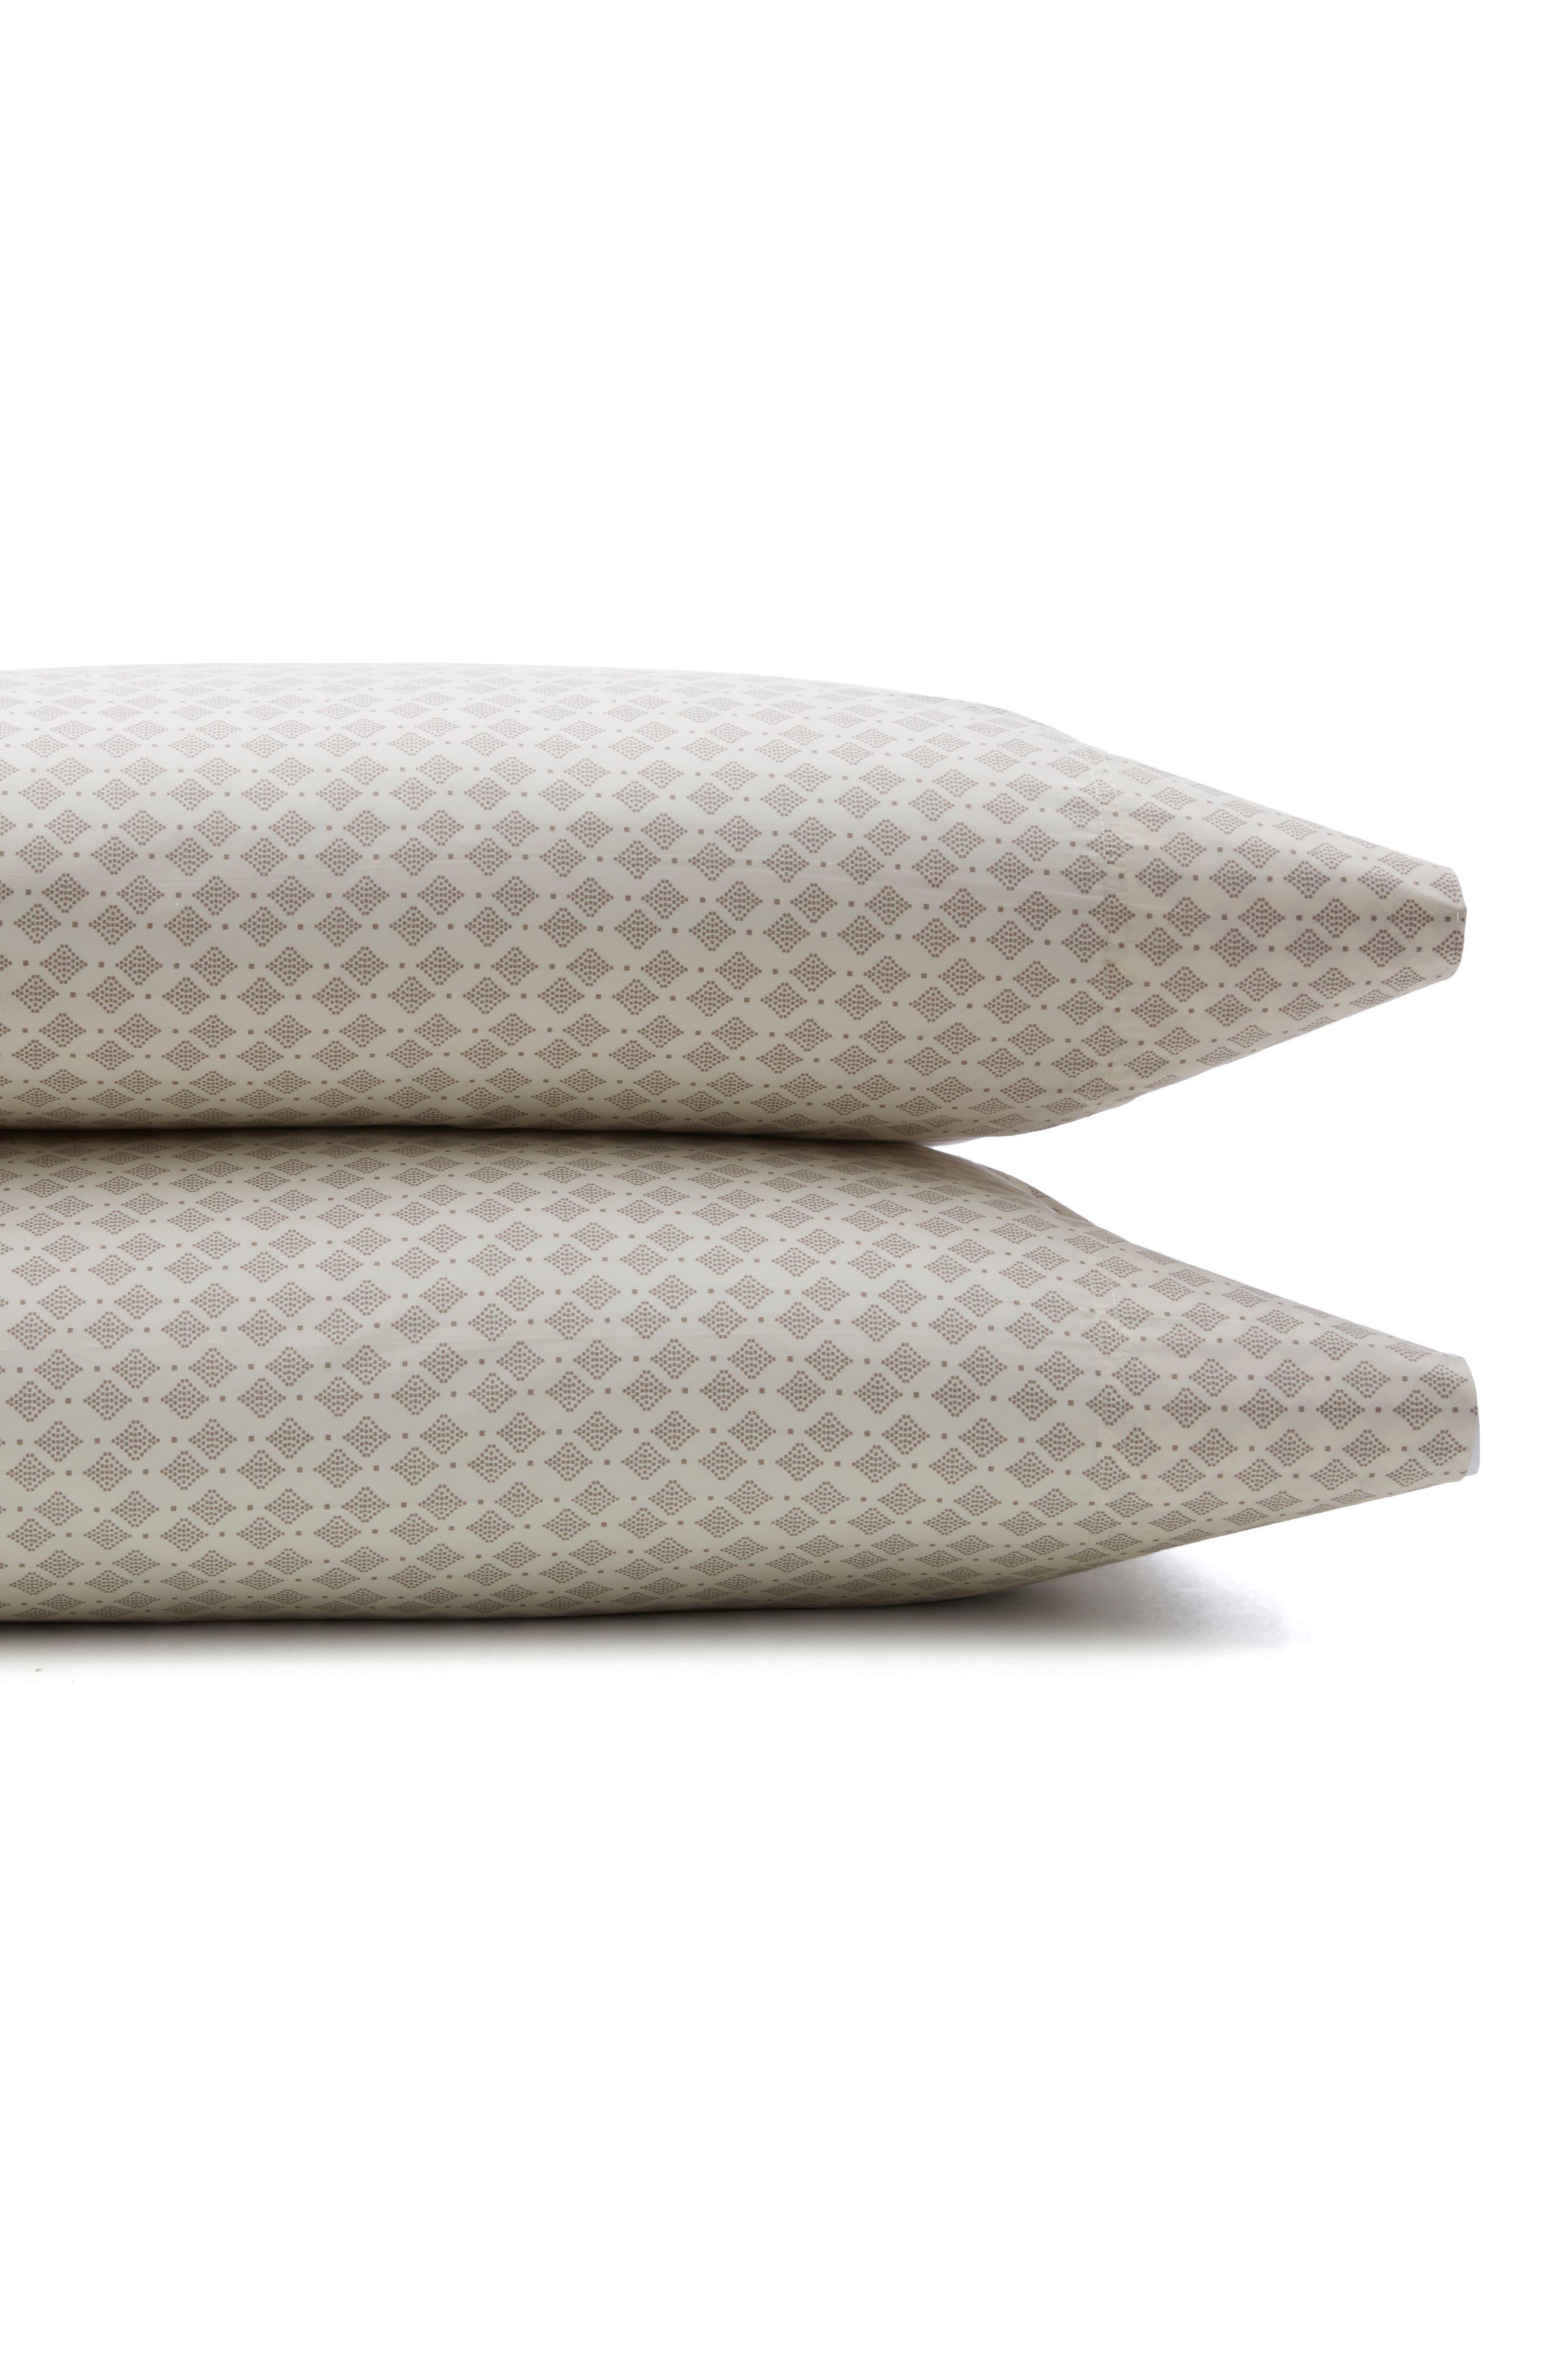 DwellStudio Taza Set of 2 Pillowcases